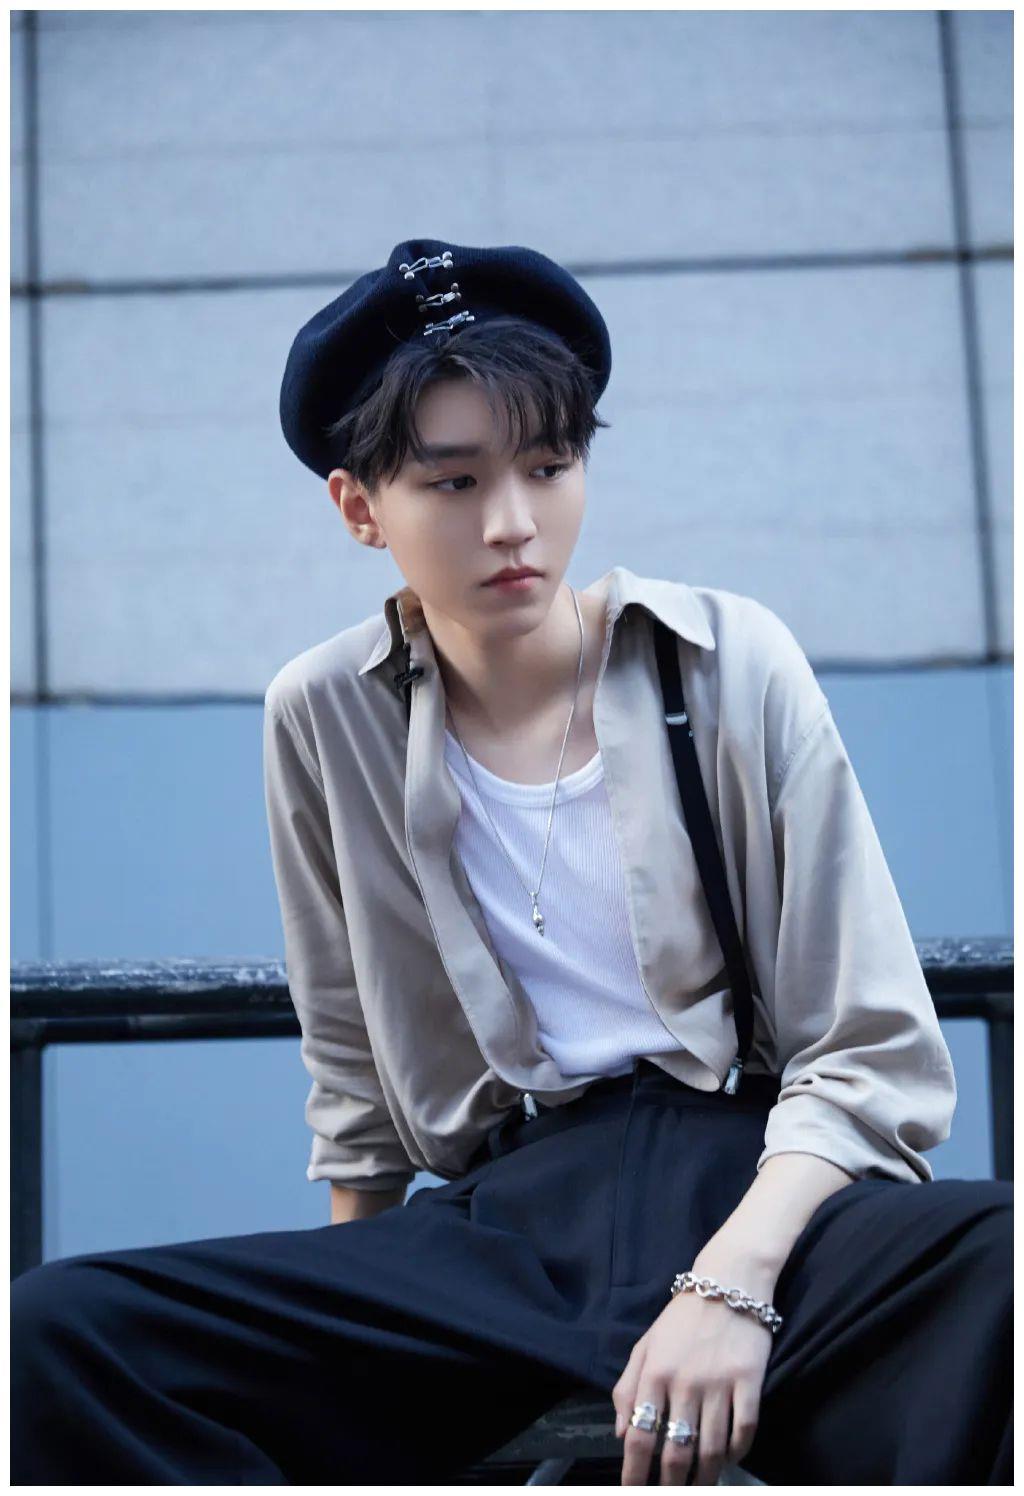 王俊凯发乖巧自拍,还首次晒鞋,不过粉丝却被他的腿毛吸引了!